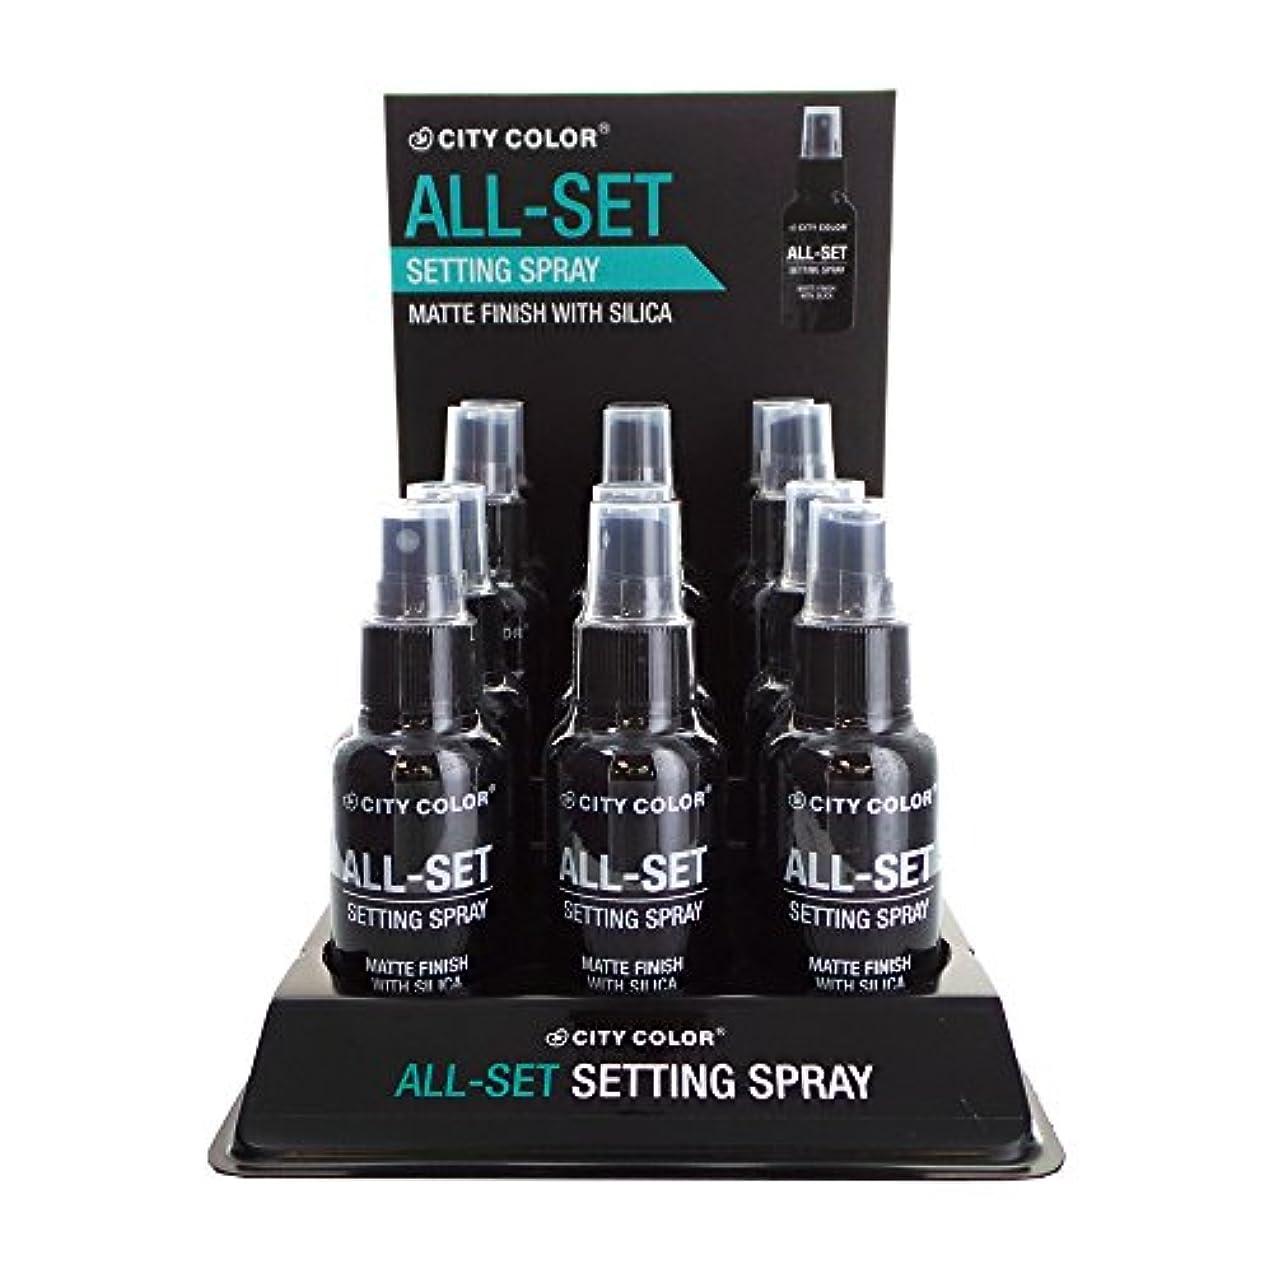 懺悔スクランブル重くするCITY COLOR All-Set Setting Spray Display Set, 12 Pieces (並行輸入品)